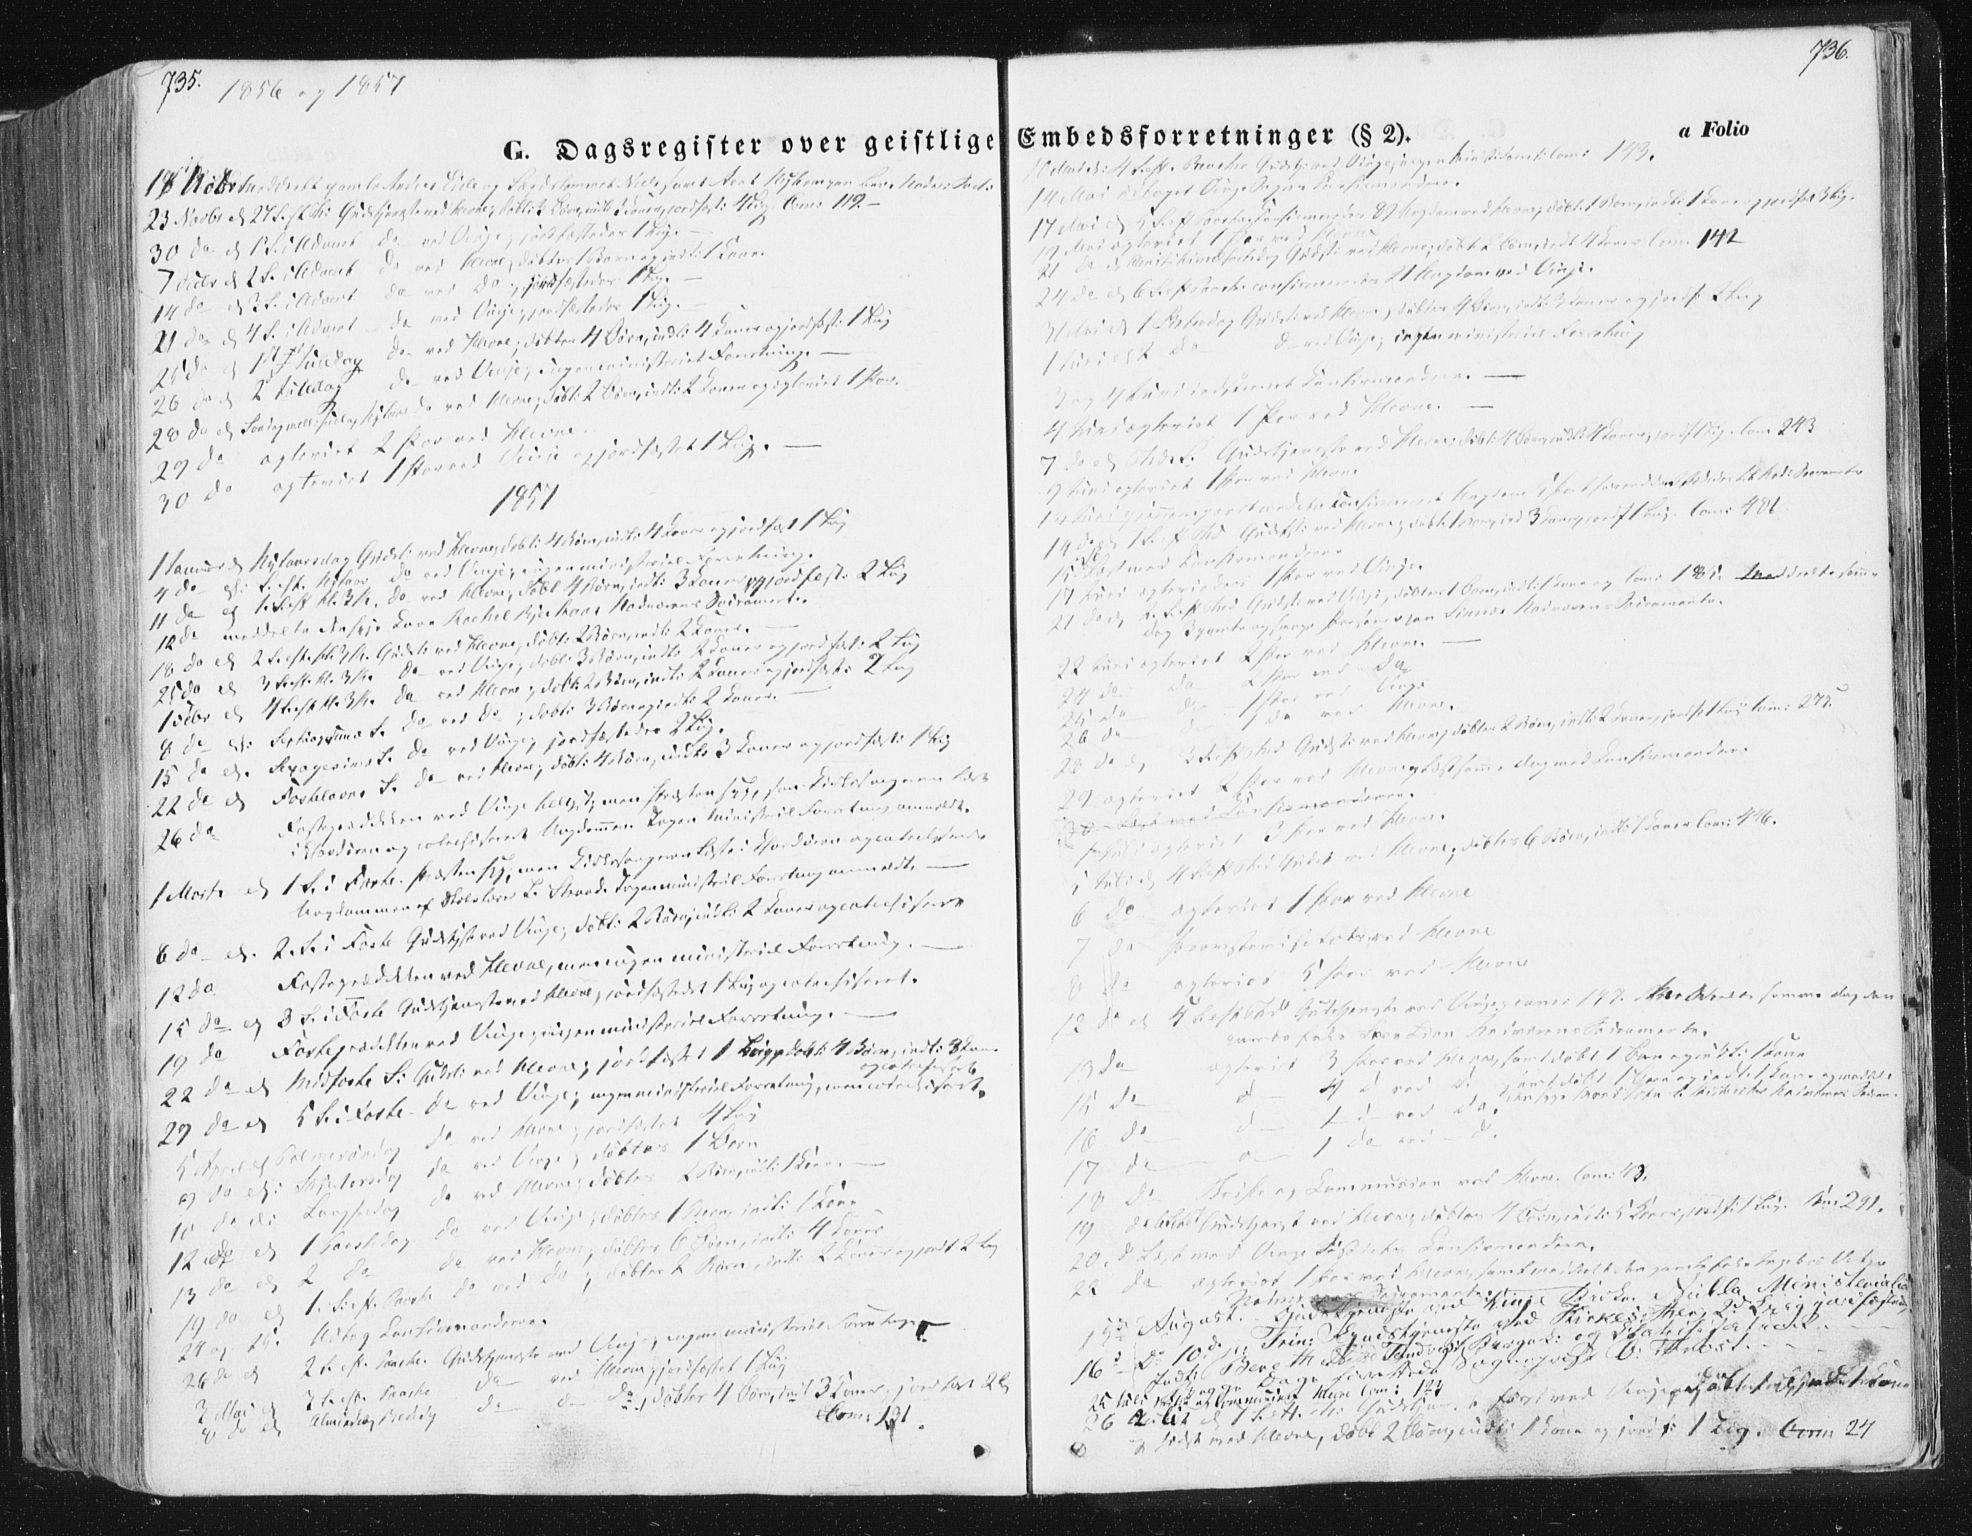 SAT, Ministerialprotokoller, klokkerbøker og fødselsregistre - Sør-Trøndelag, 630/L0494: Ministerialbok nr. 630A07, 1852-1868, s. 735-736